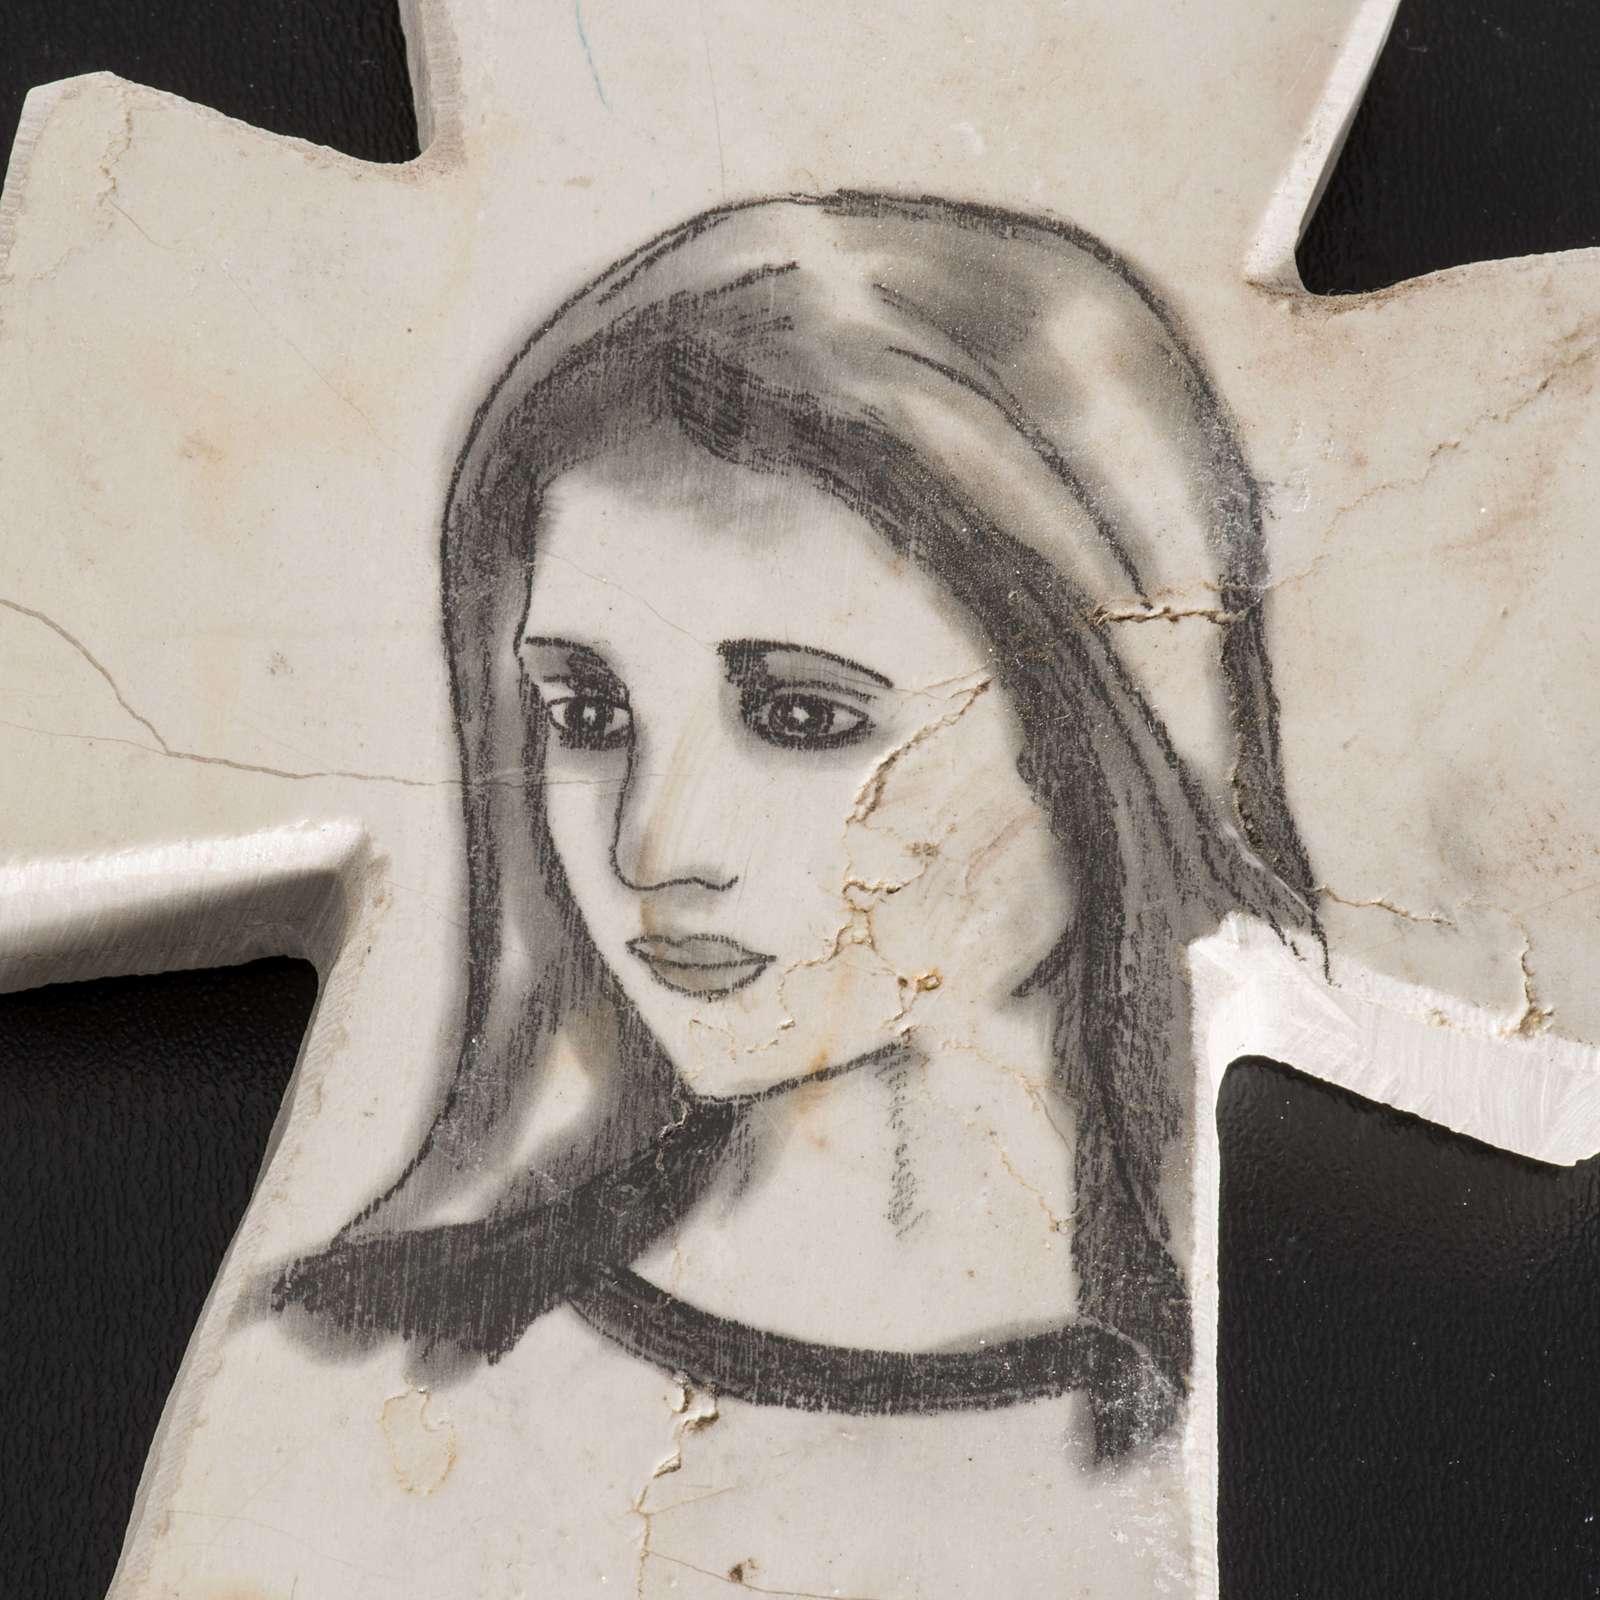 Cruz piedra con cara de la Virgen 4